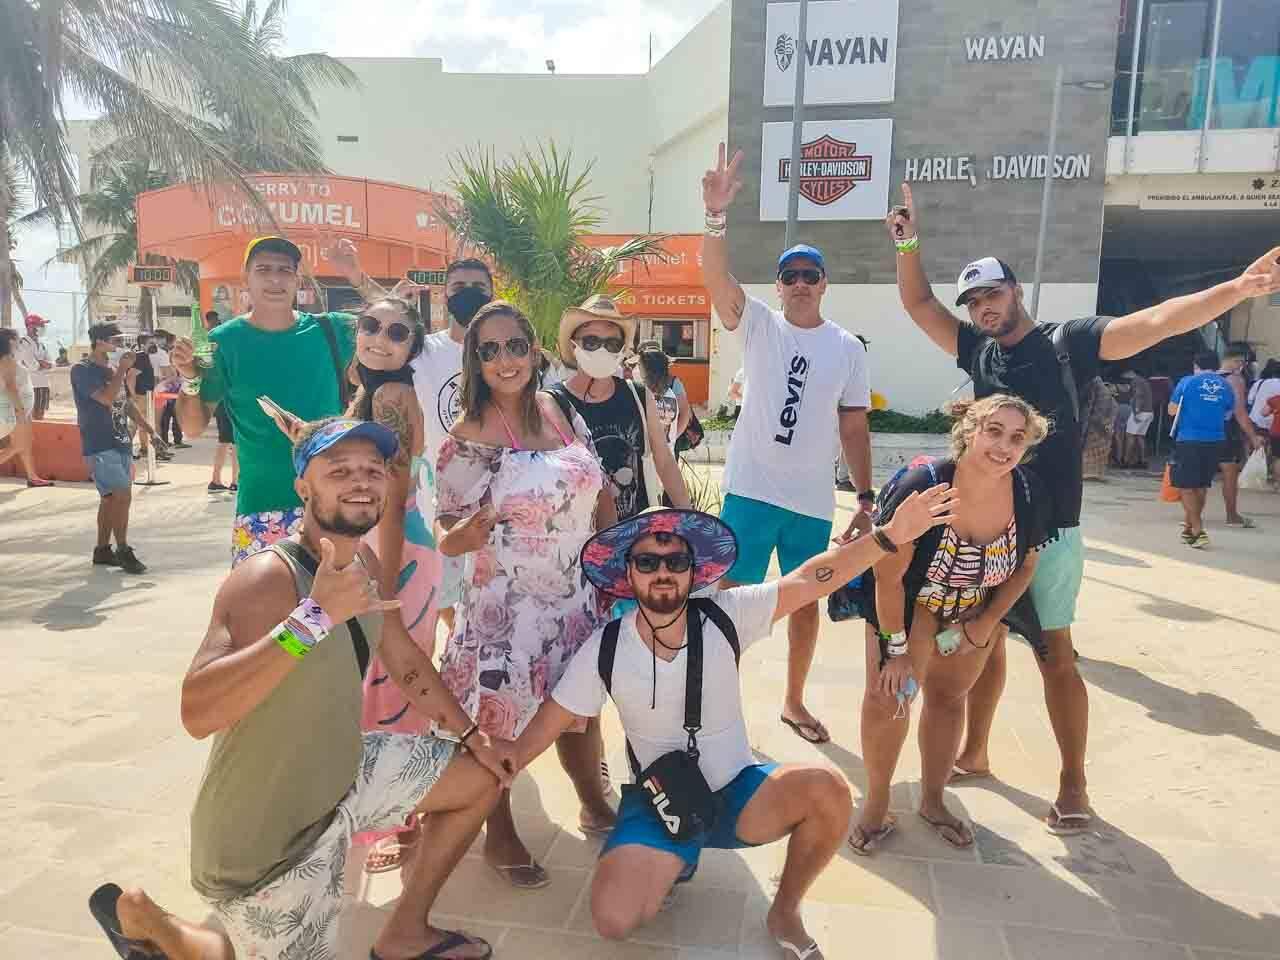 Turma na viagem para o México com o Pacote Hurb Cancun.